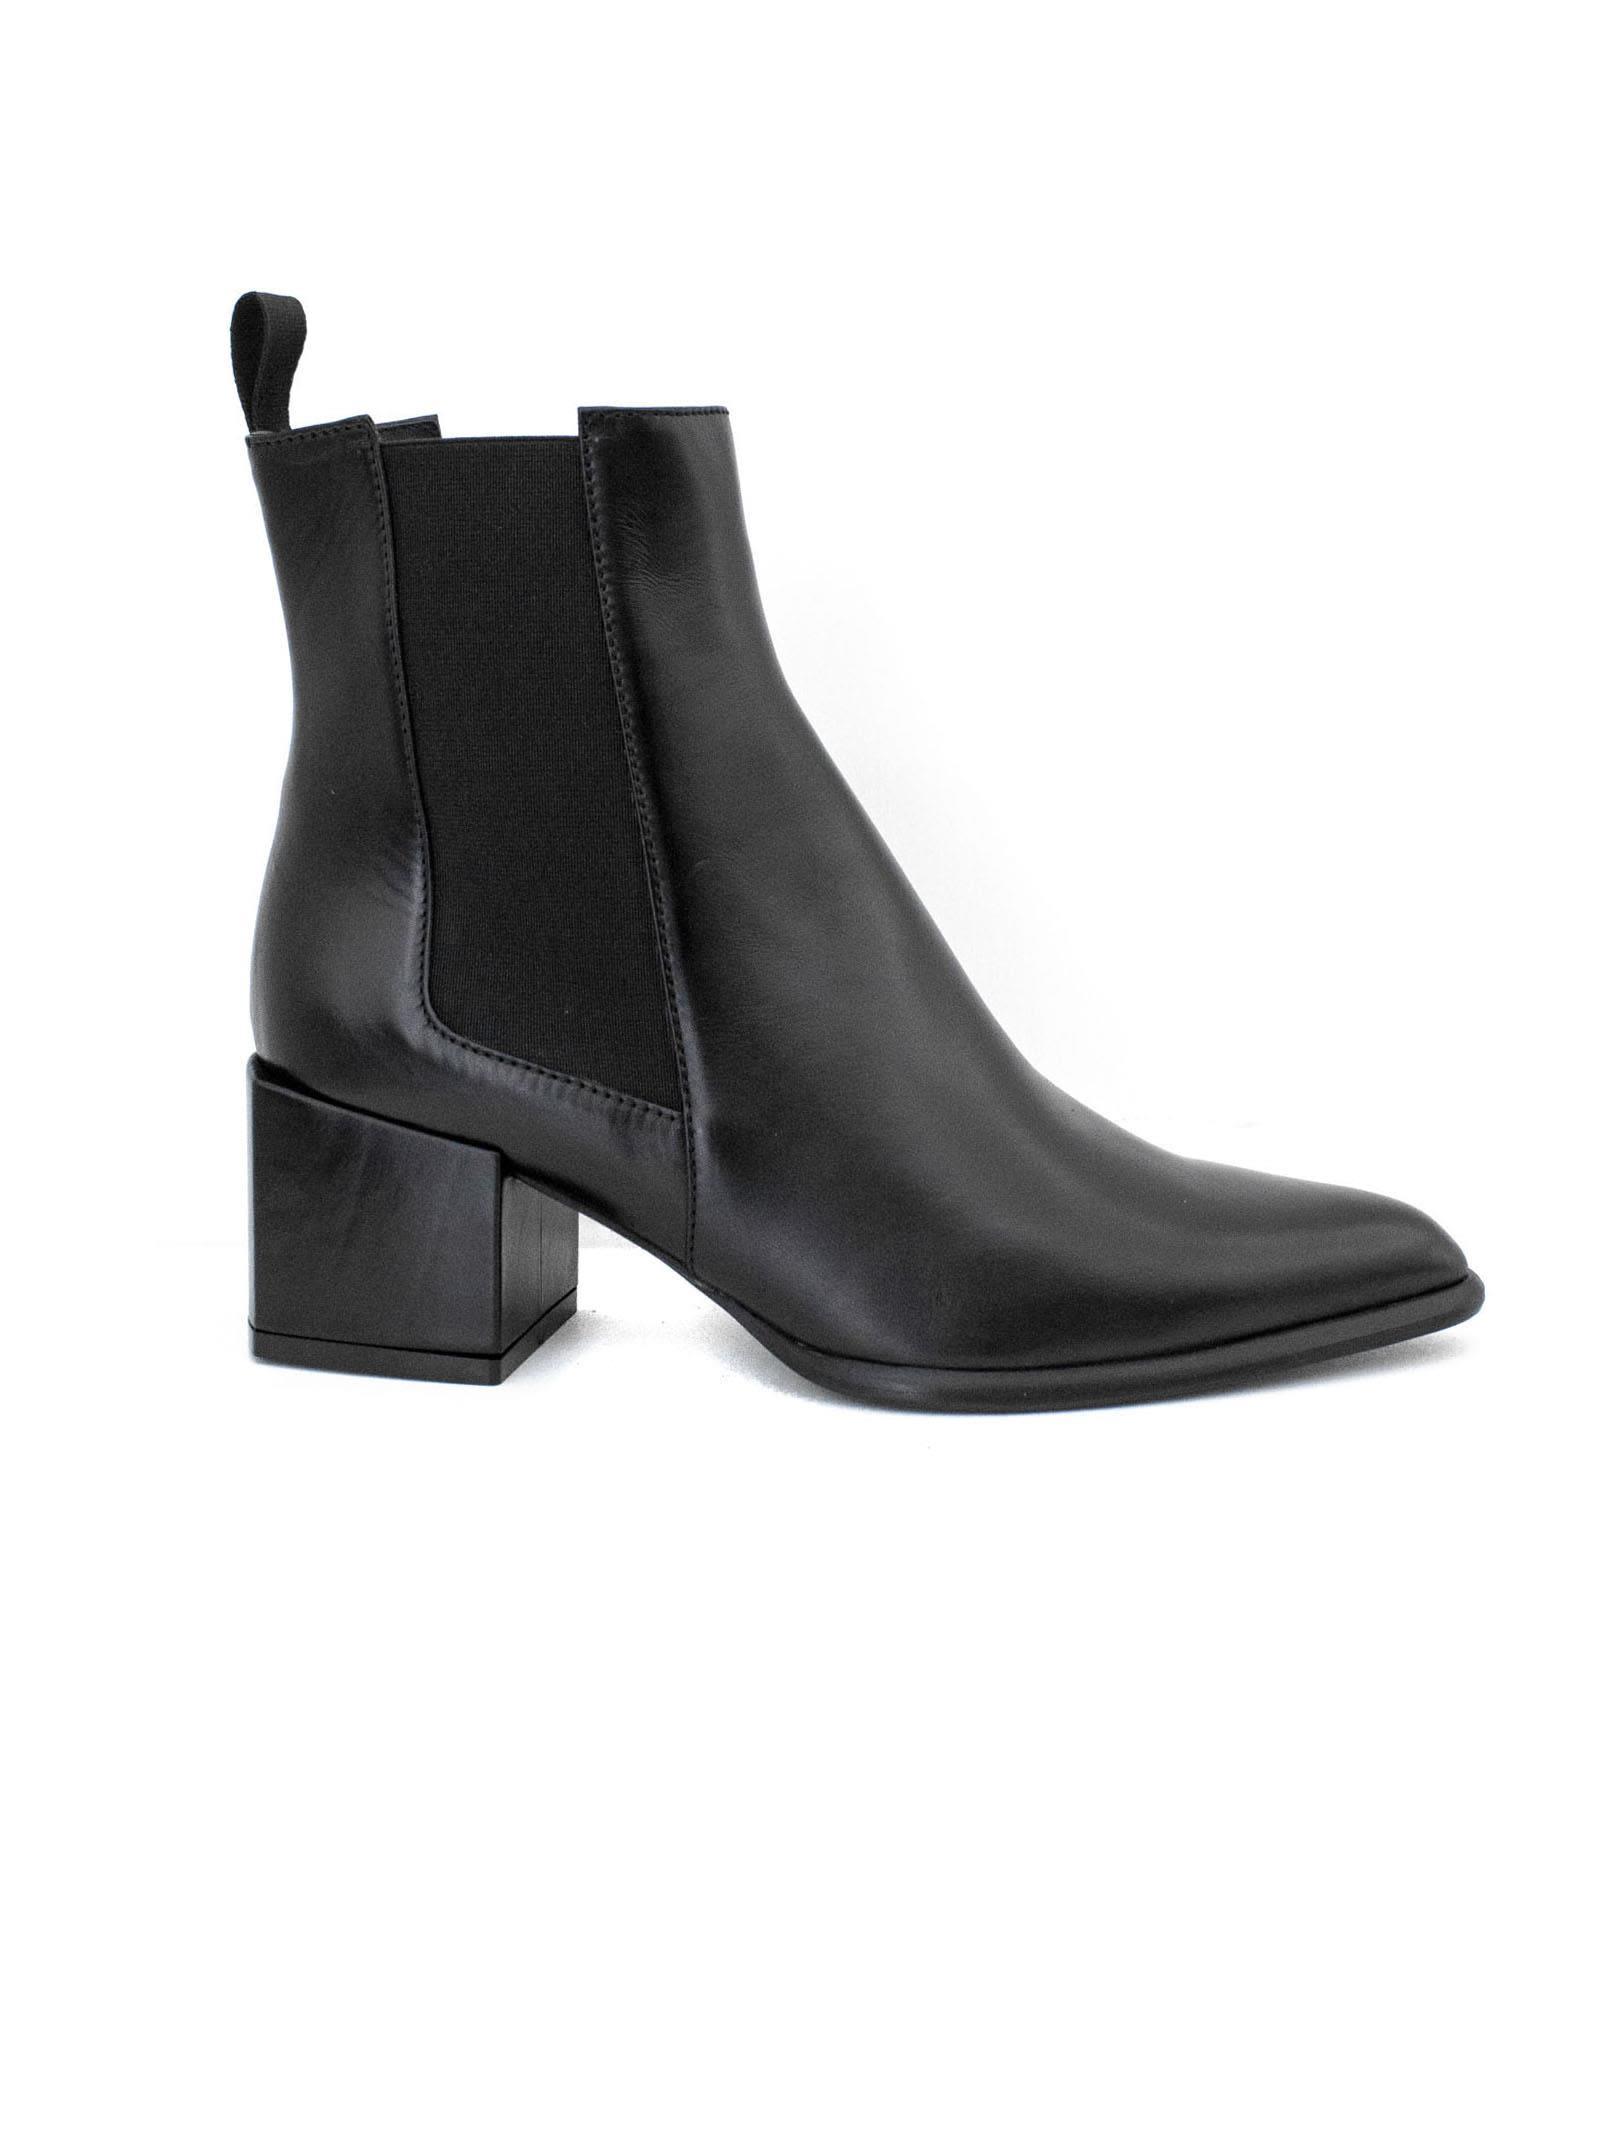 ROBERTO FESTA Rania Ankle Boot In Black Leather. in Nero